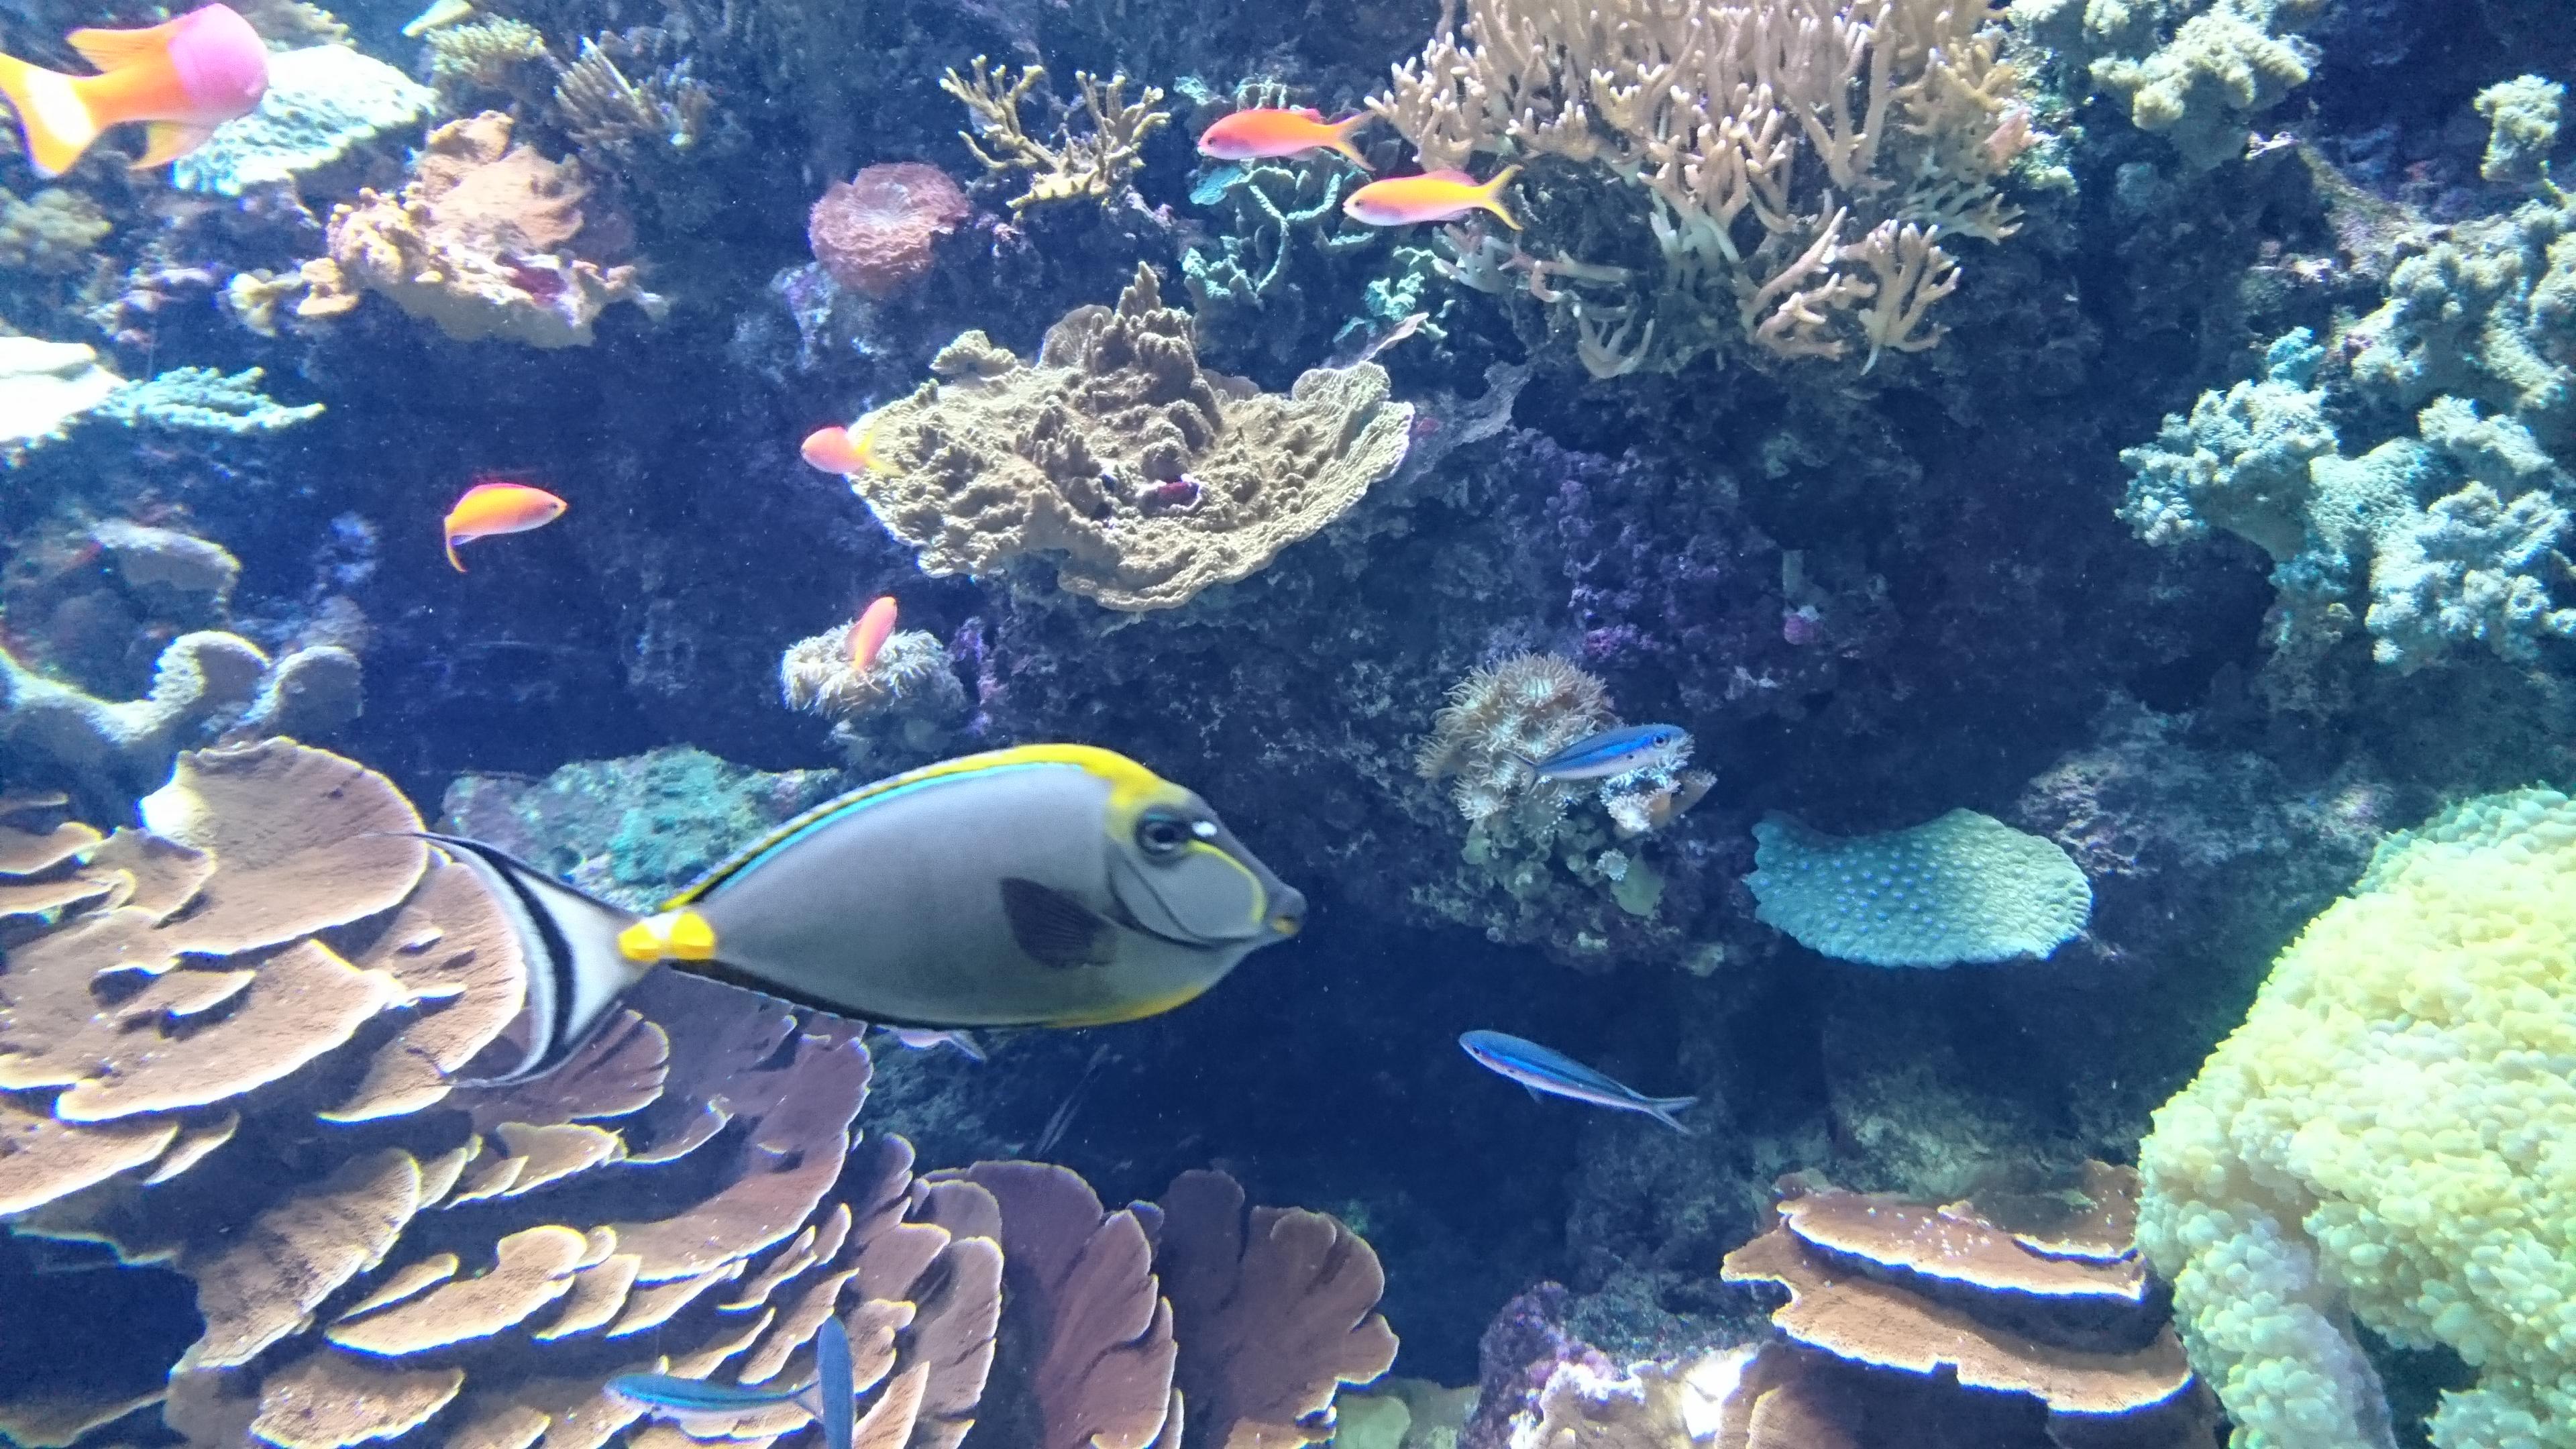 S.E.A. Aquarium; Singapore